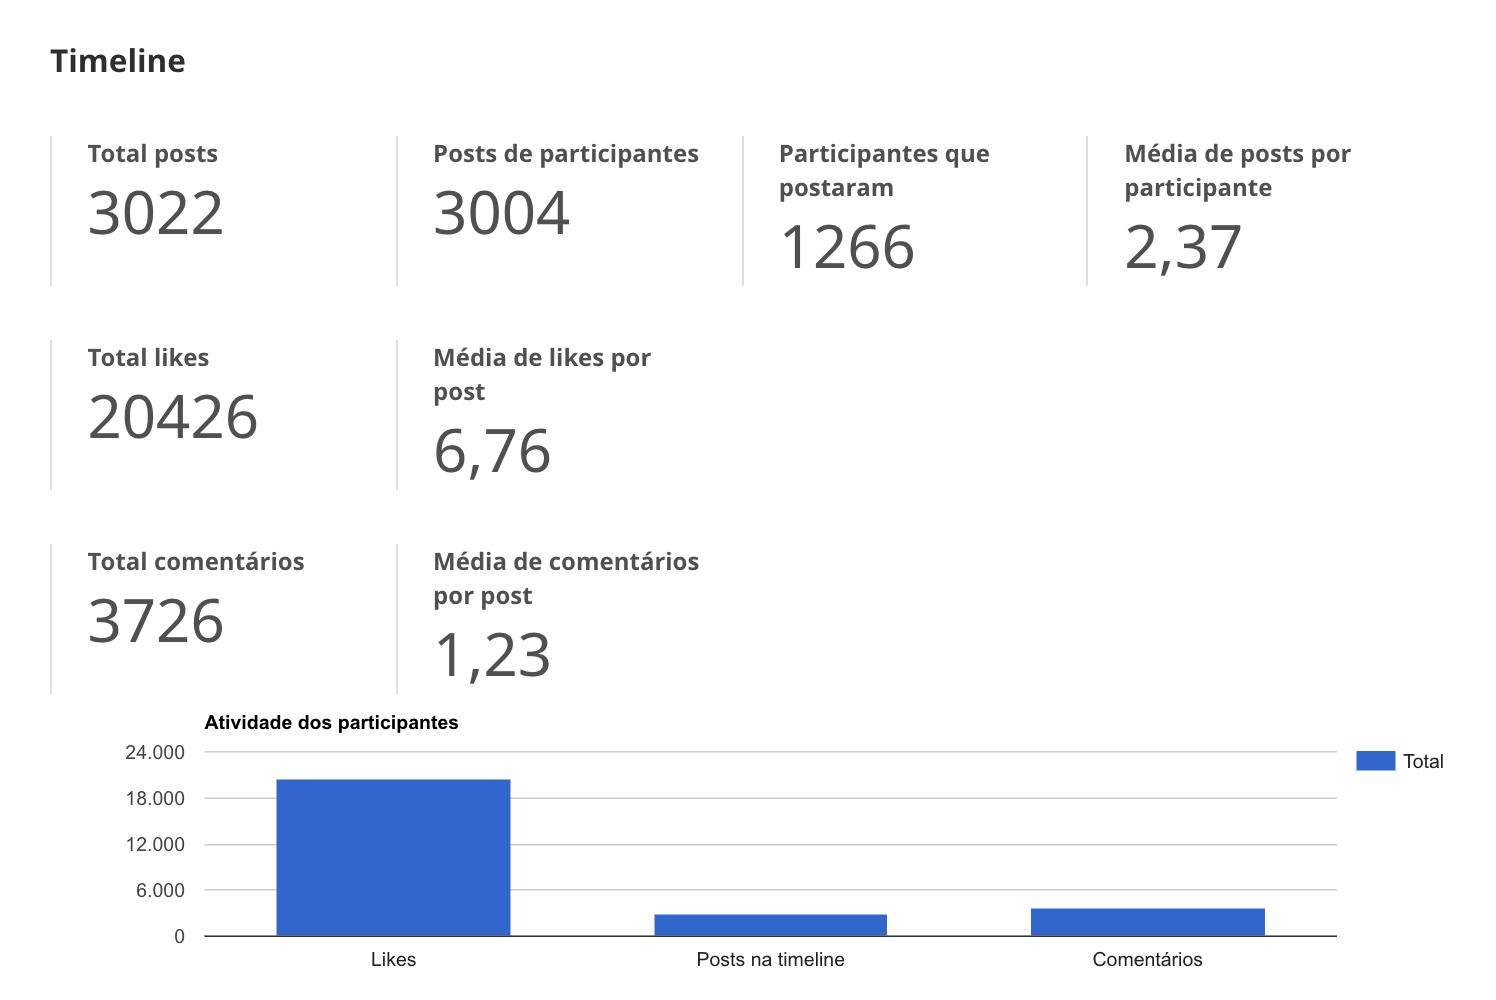 imagem da interação na timeline interativa do aplicativo do evento rd summit